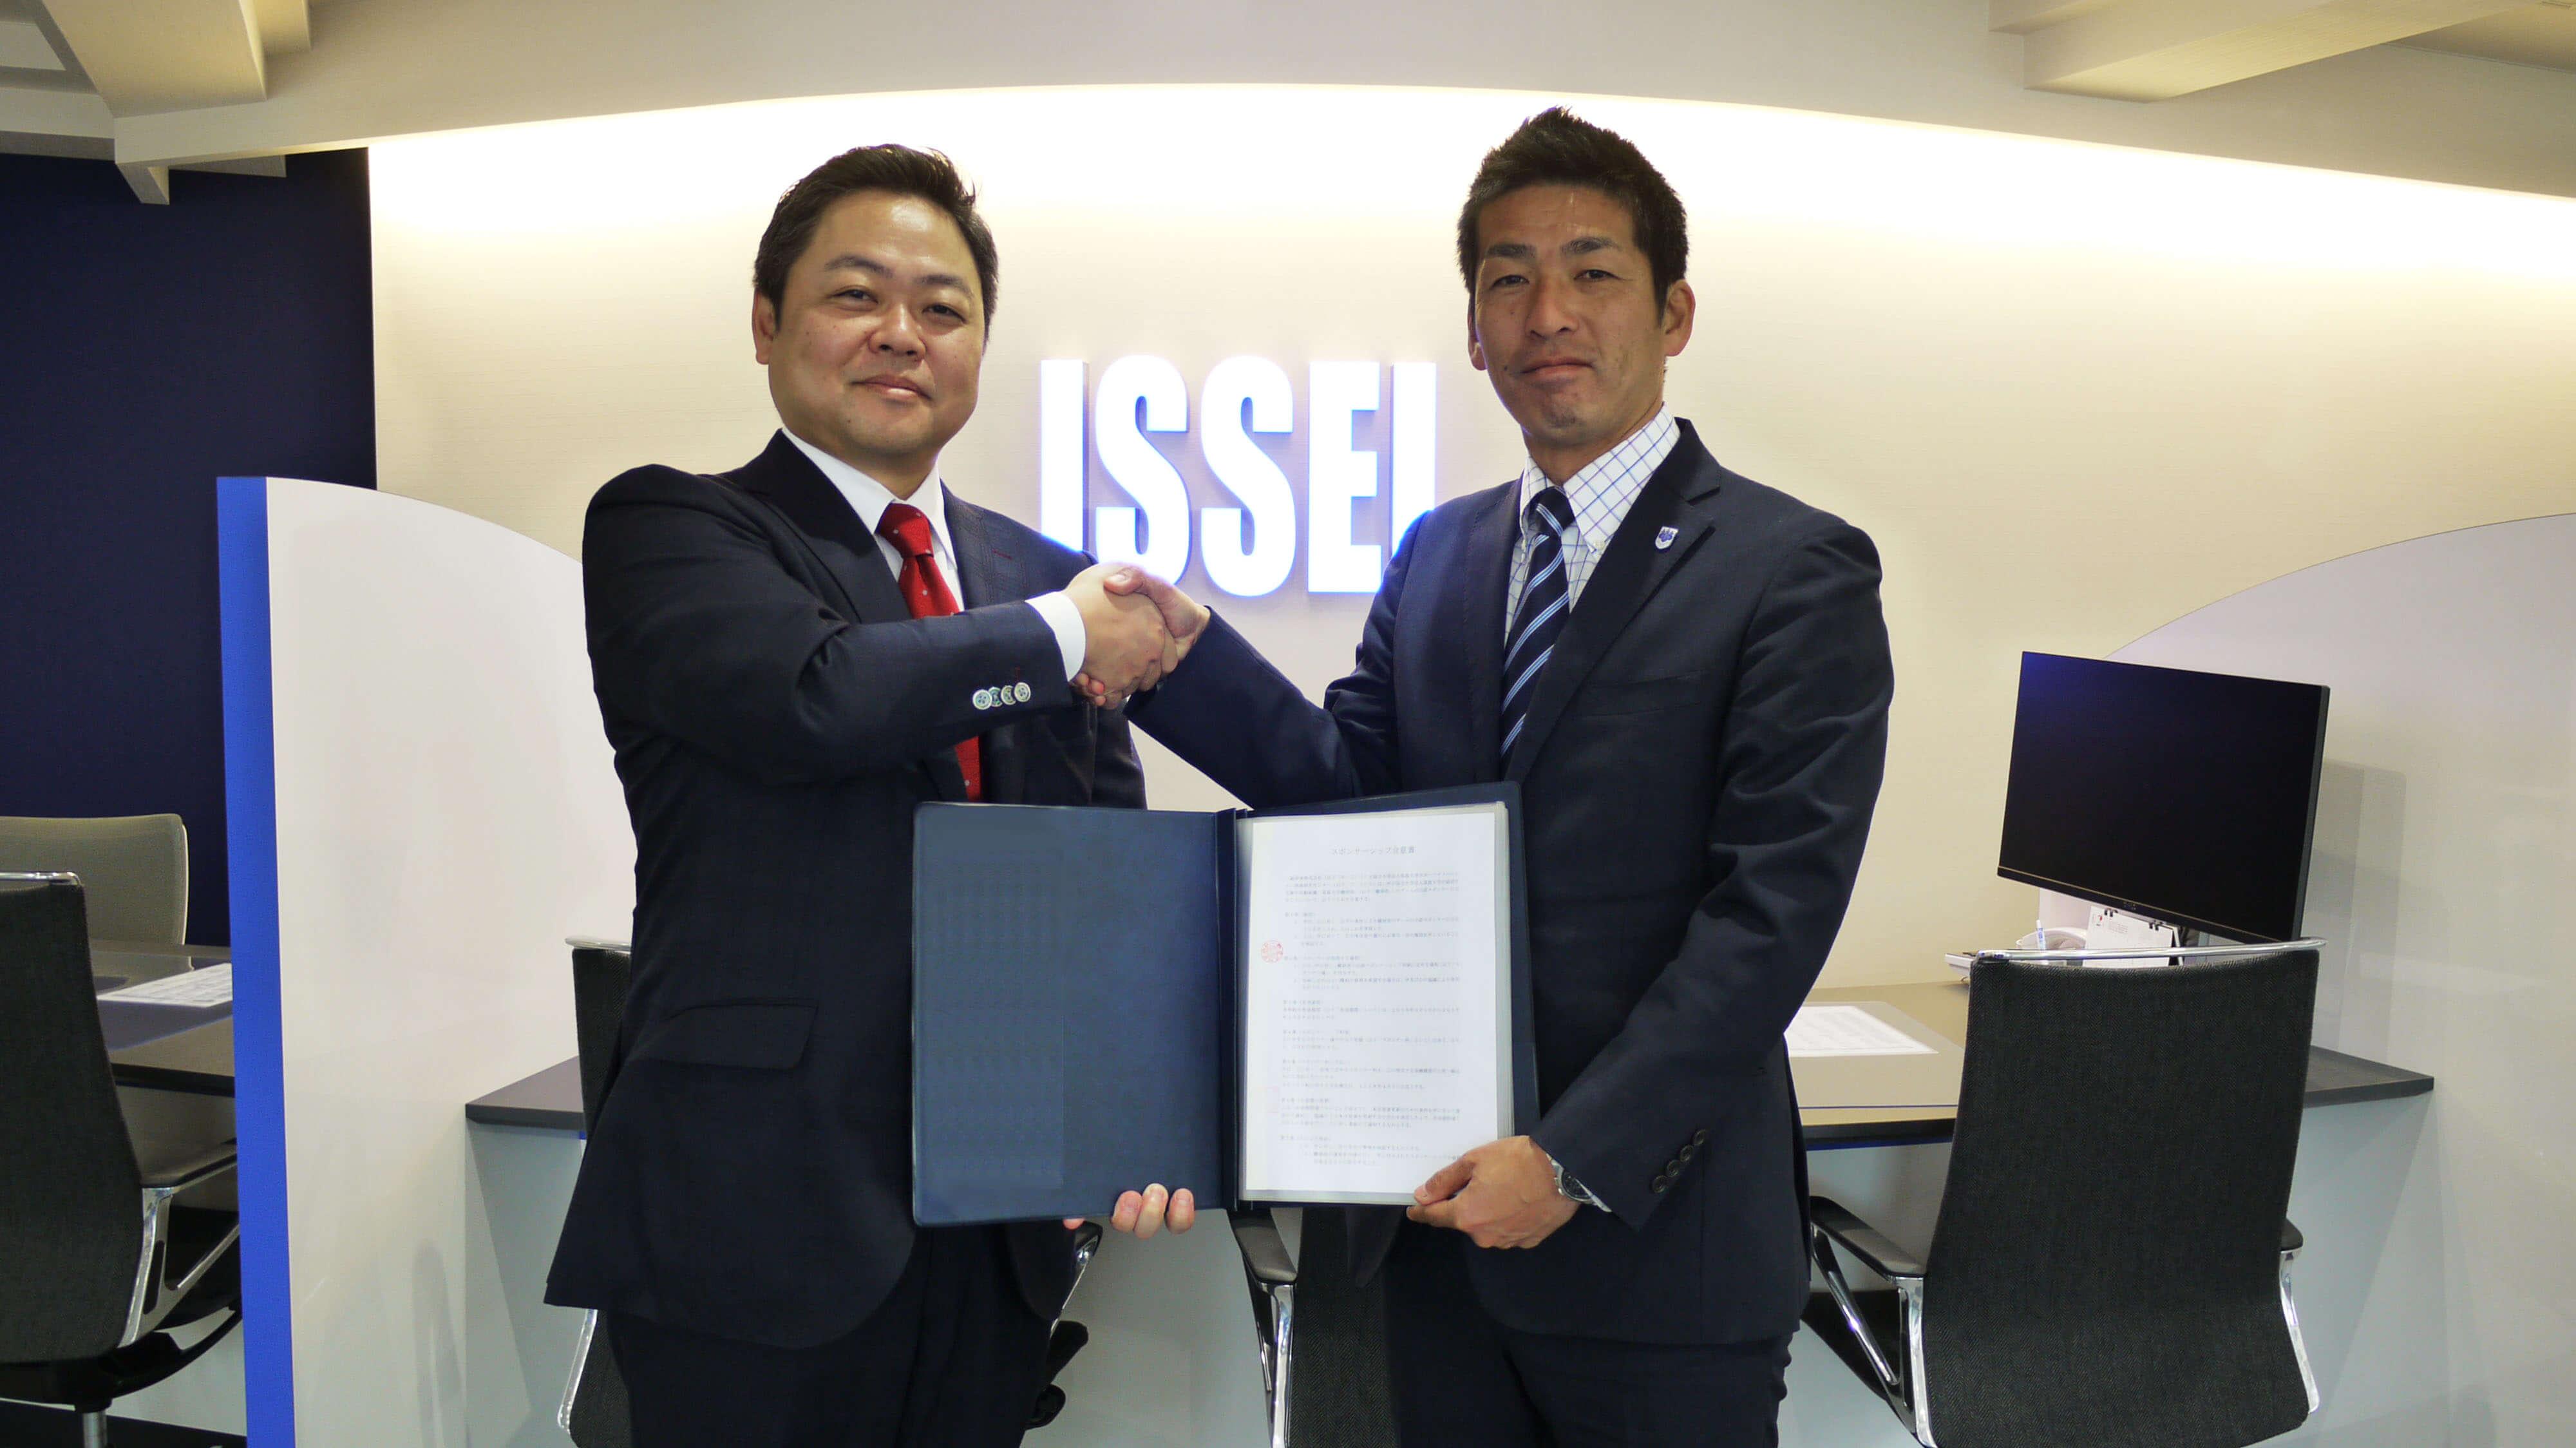 筑波大学蹴球部とスポンサーシップを締結